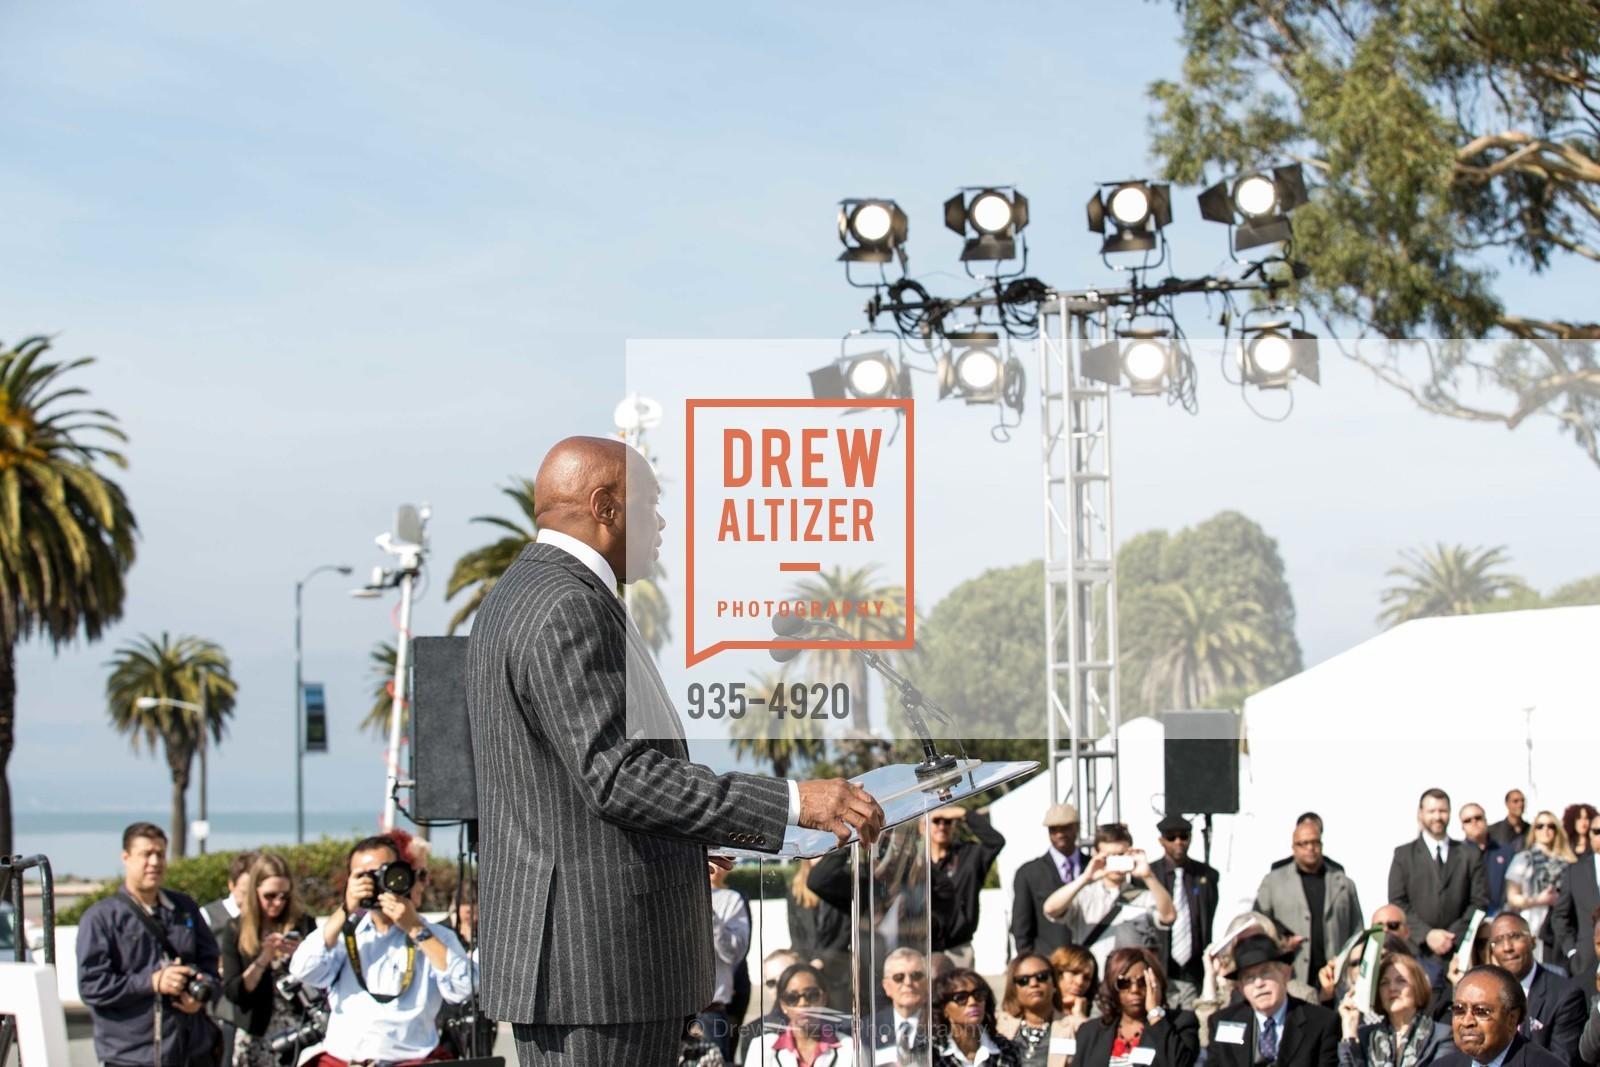 Willie Brown, Photo #935-4920